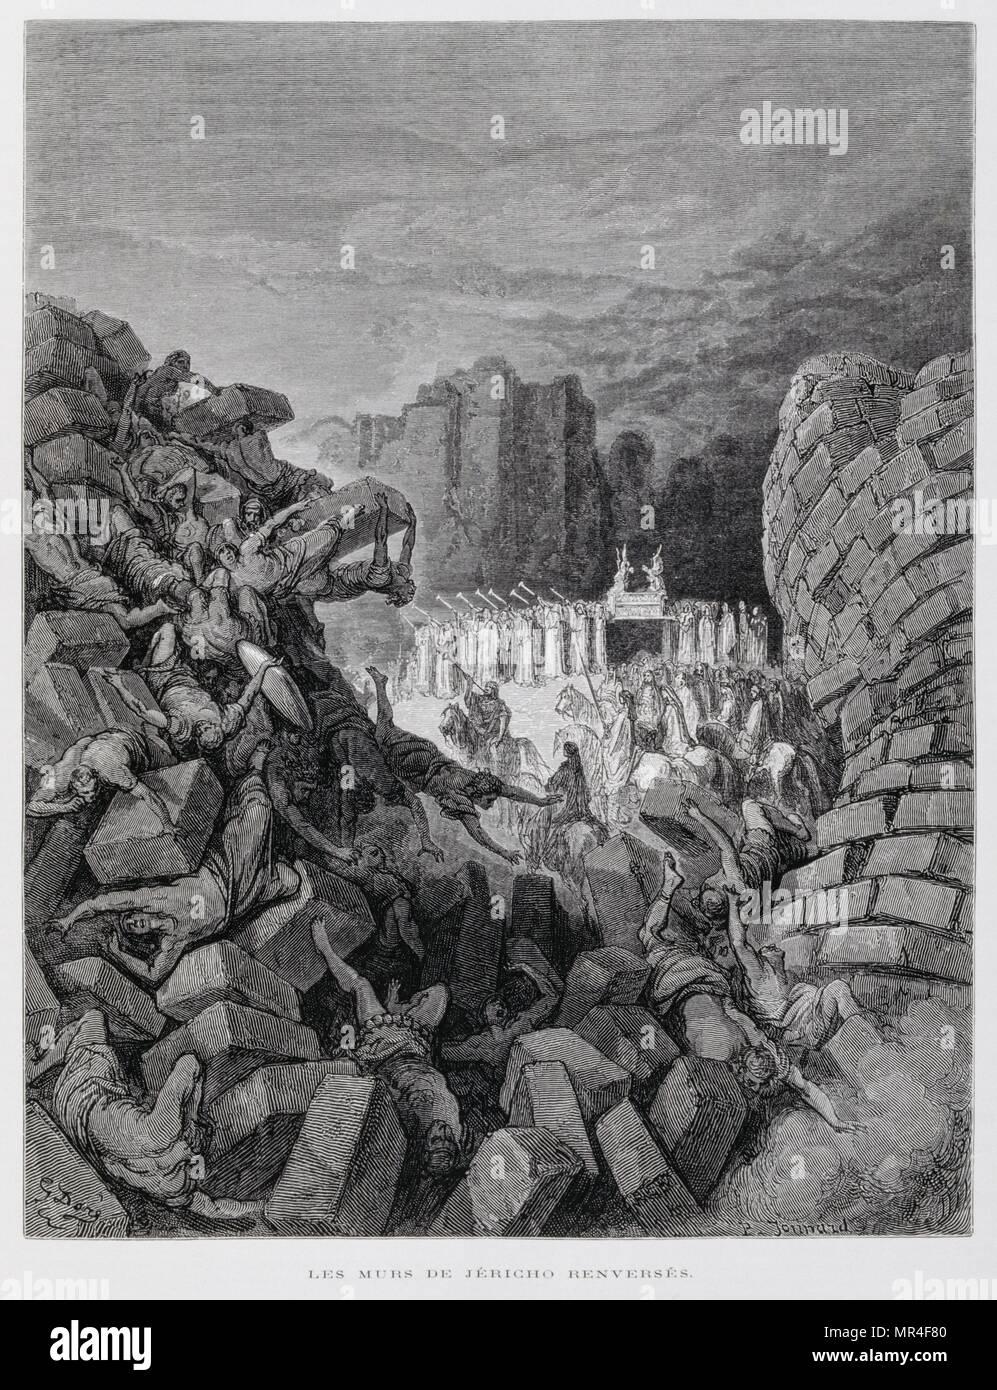 Walls Of Jericho Imágenes De Stock & Walls Of Jericho Fotos De Stock ...